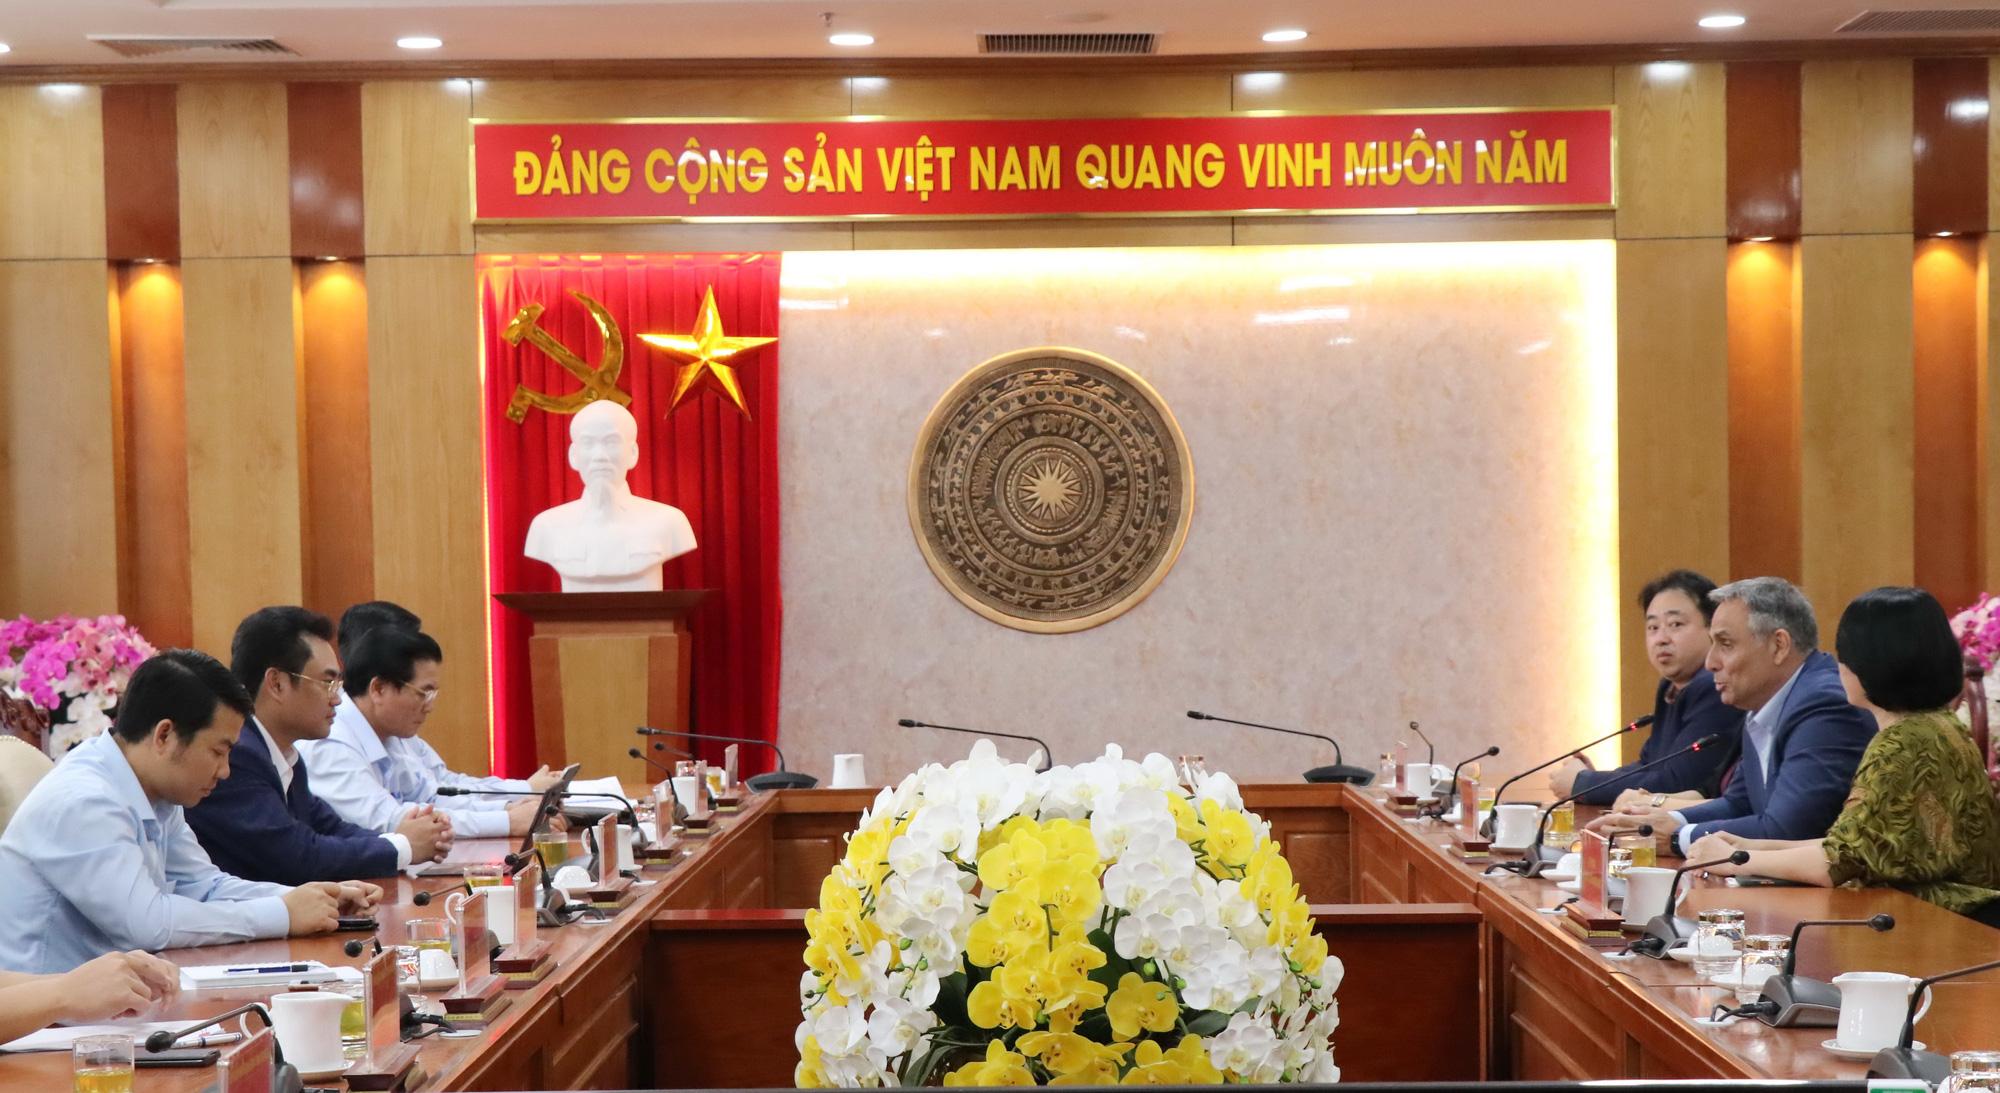 Thái Nguyên sắp khai trương Trung tâm thương mại hiện đại và lớn nhất cả nước - Ảnh 1.